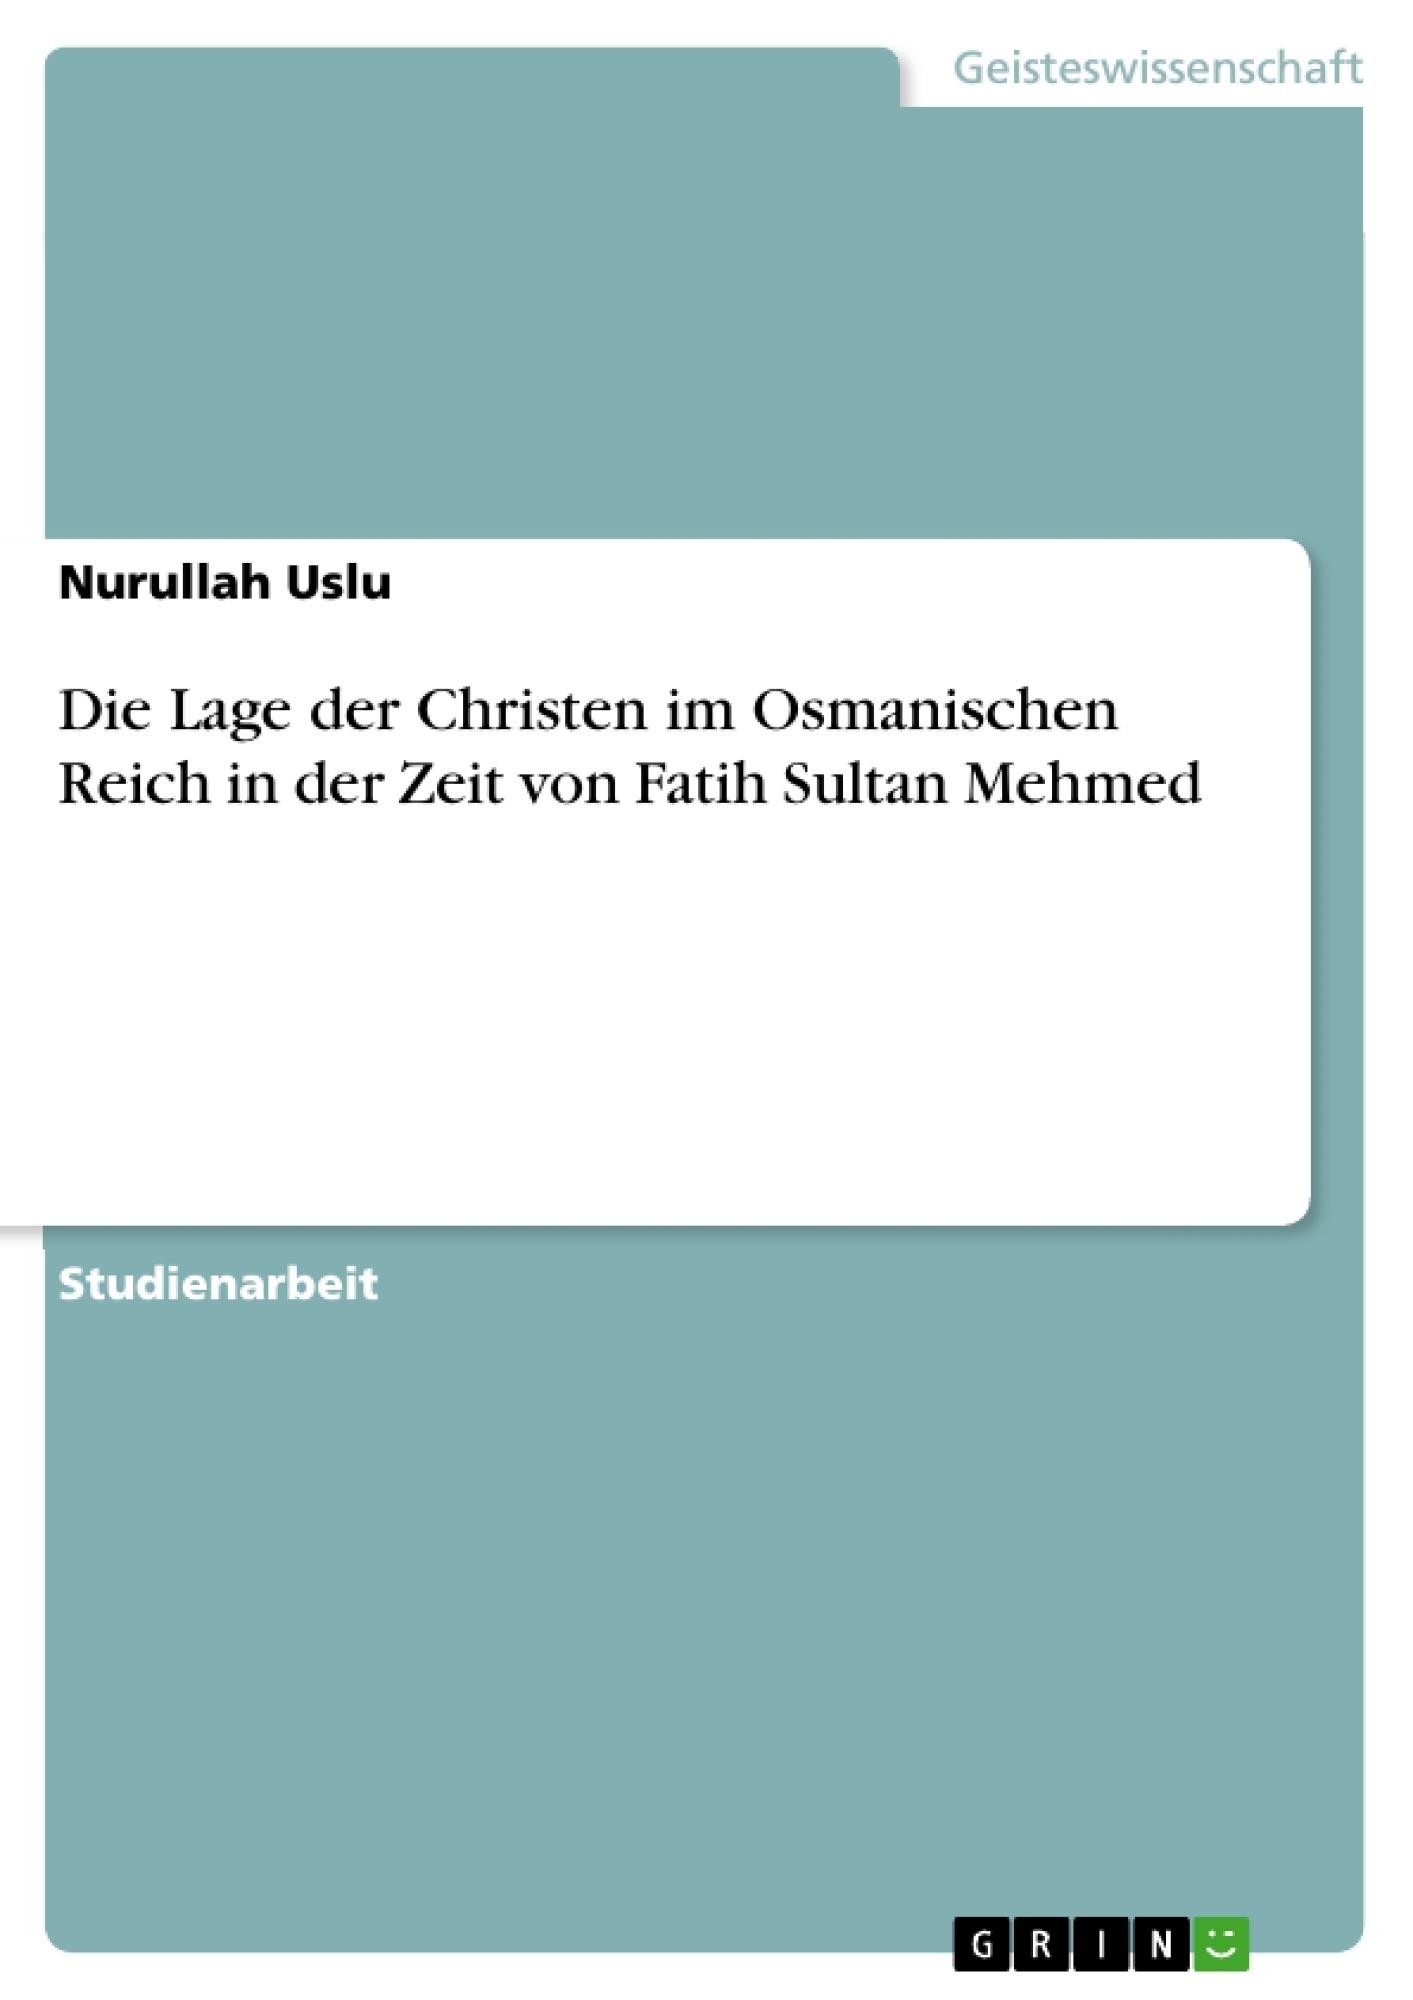 Titel: Die Lage der Christen im Osmanischen Reich in der Zeit von Fatih Sultan Mehmed